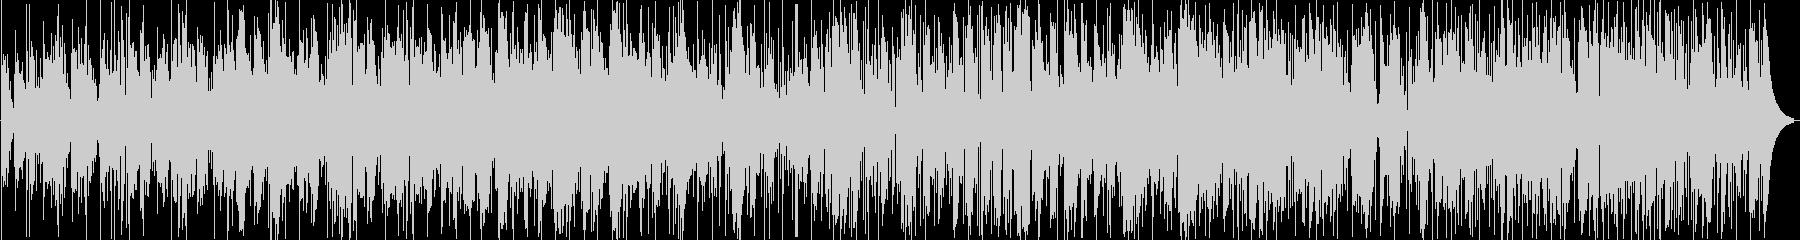 アコーディオンによるジャズワルツの未再生の波形